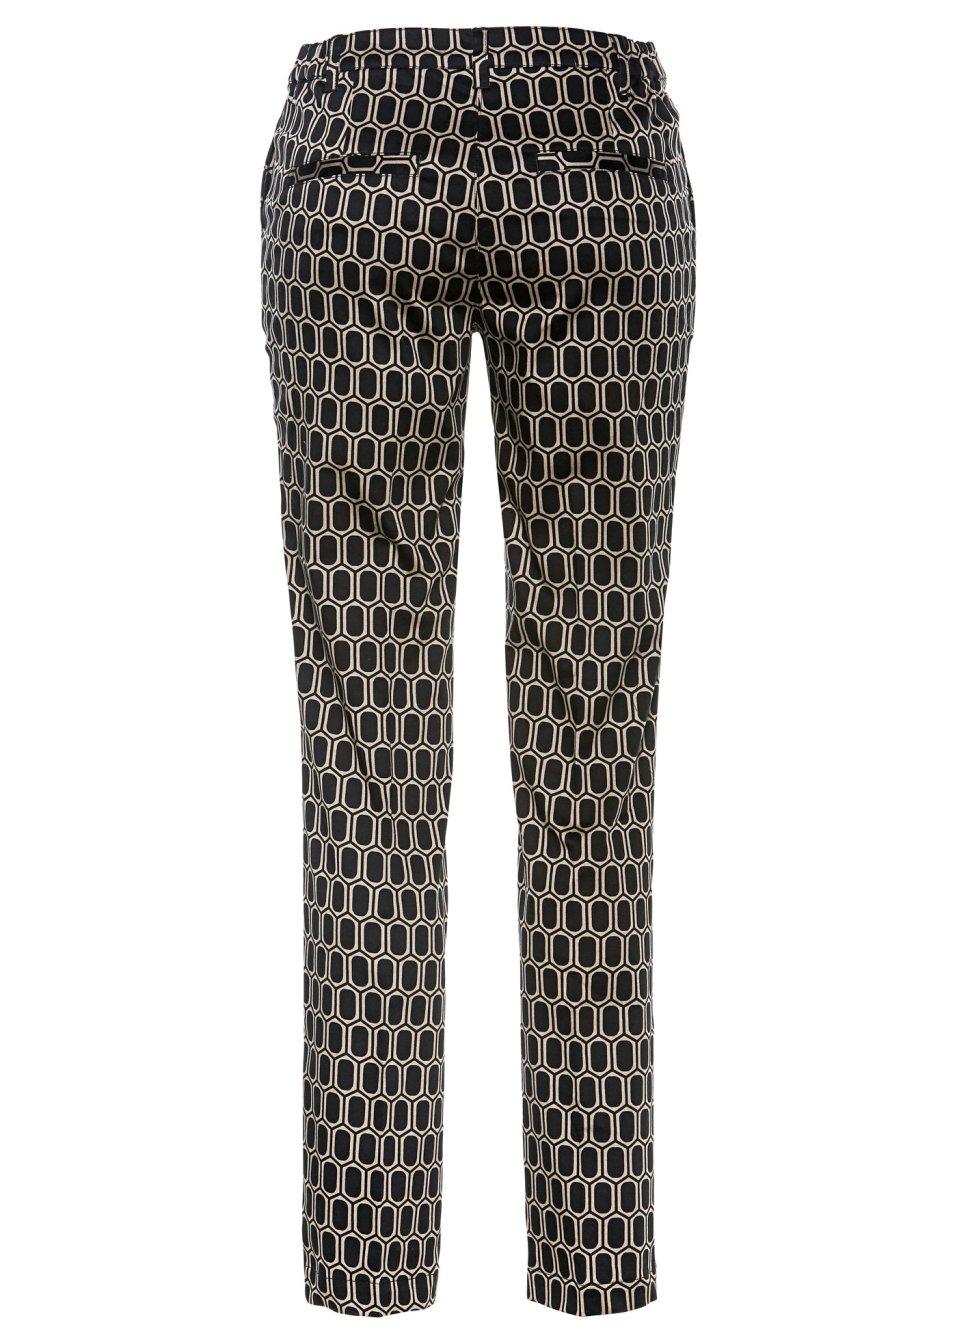 Mode Femme Vêtements DJLfdOFlkj Pantalon taupe/noir imprimé bpc selection .fr